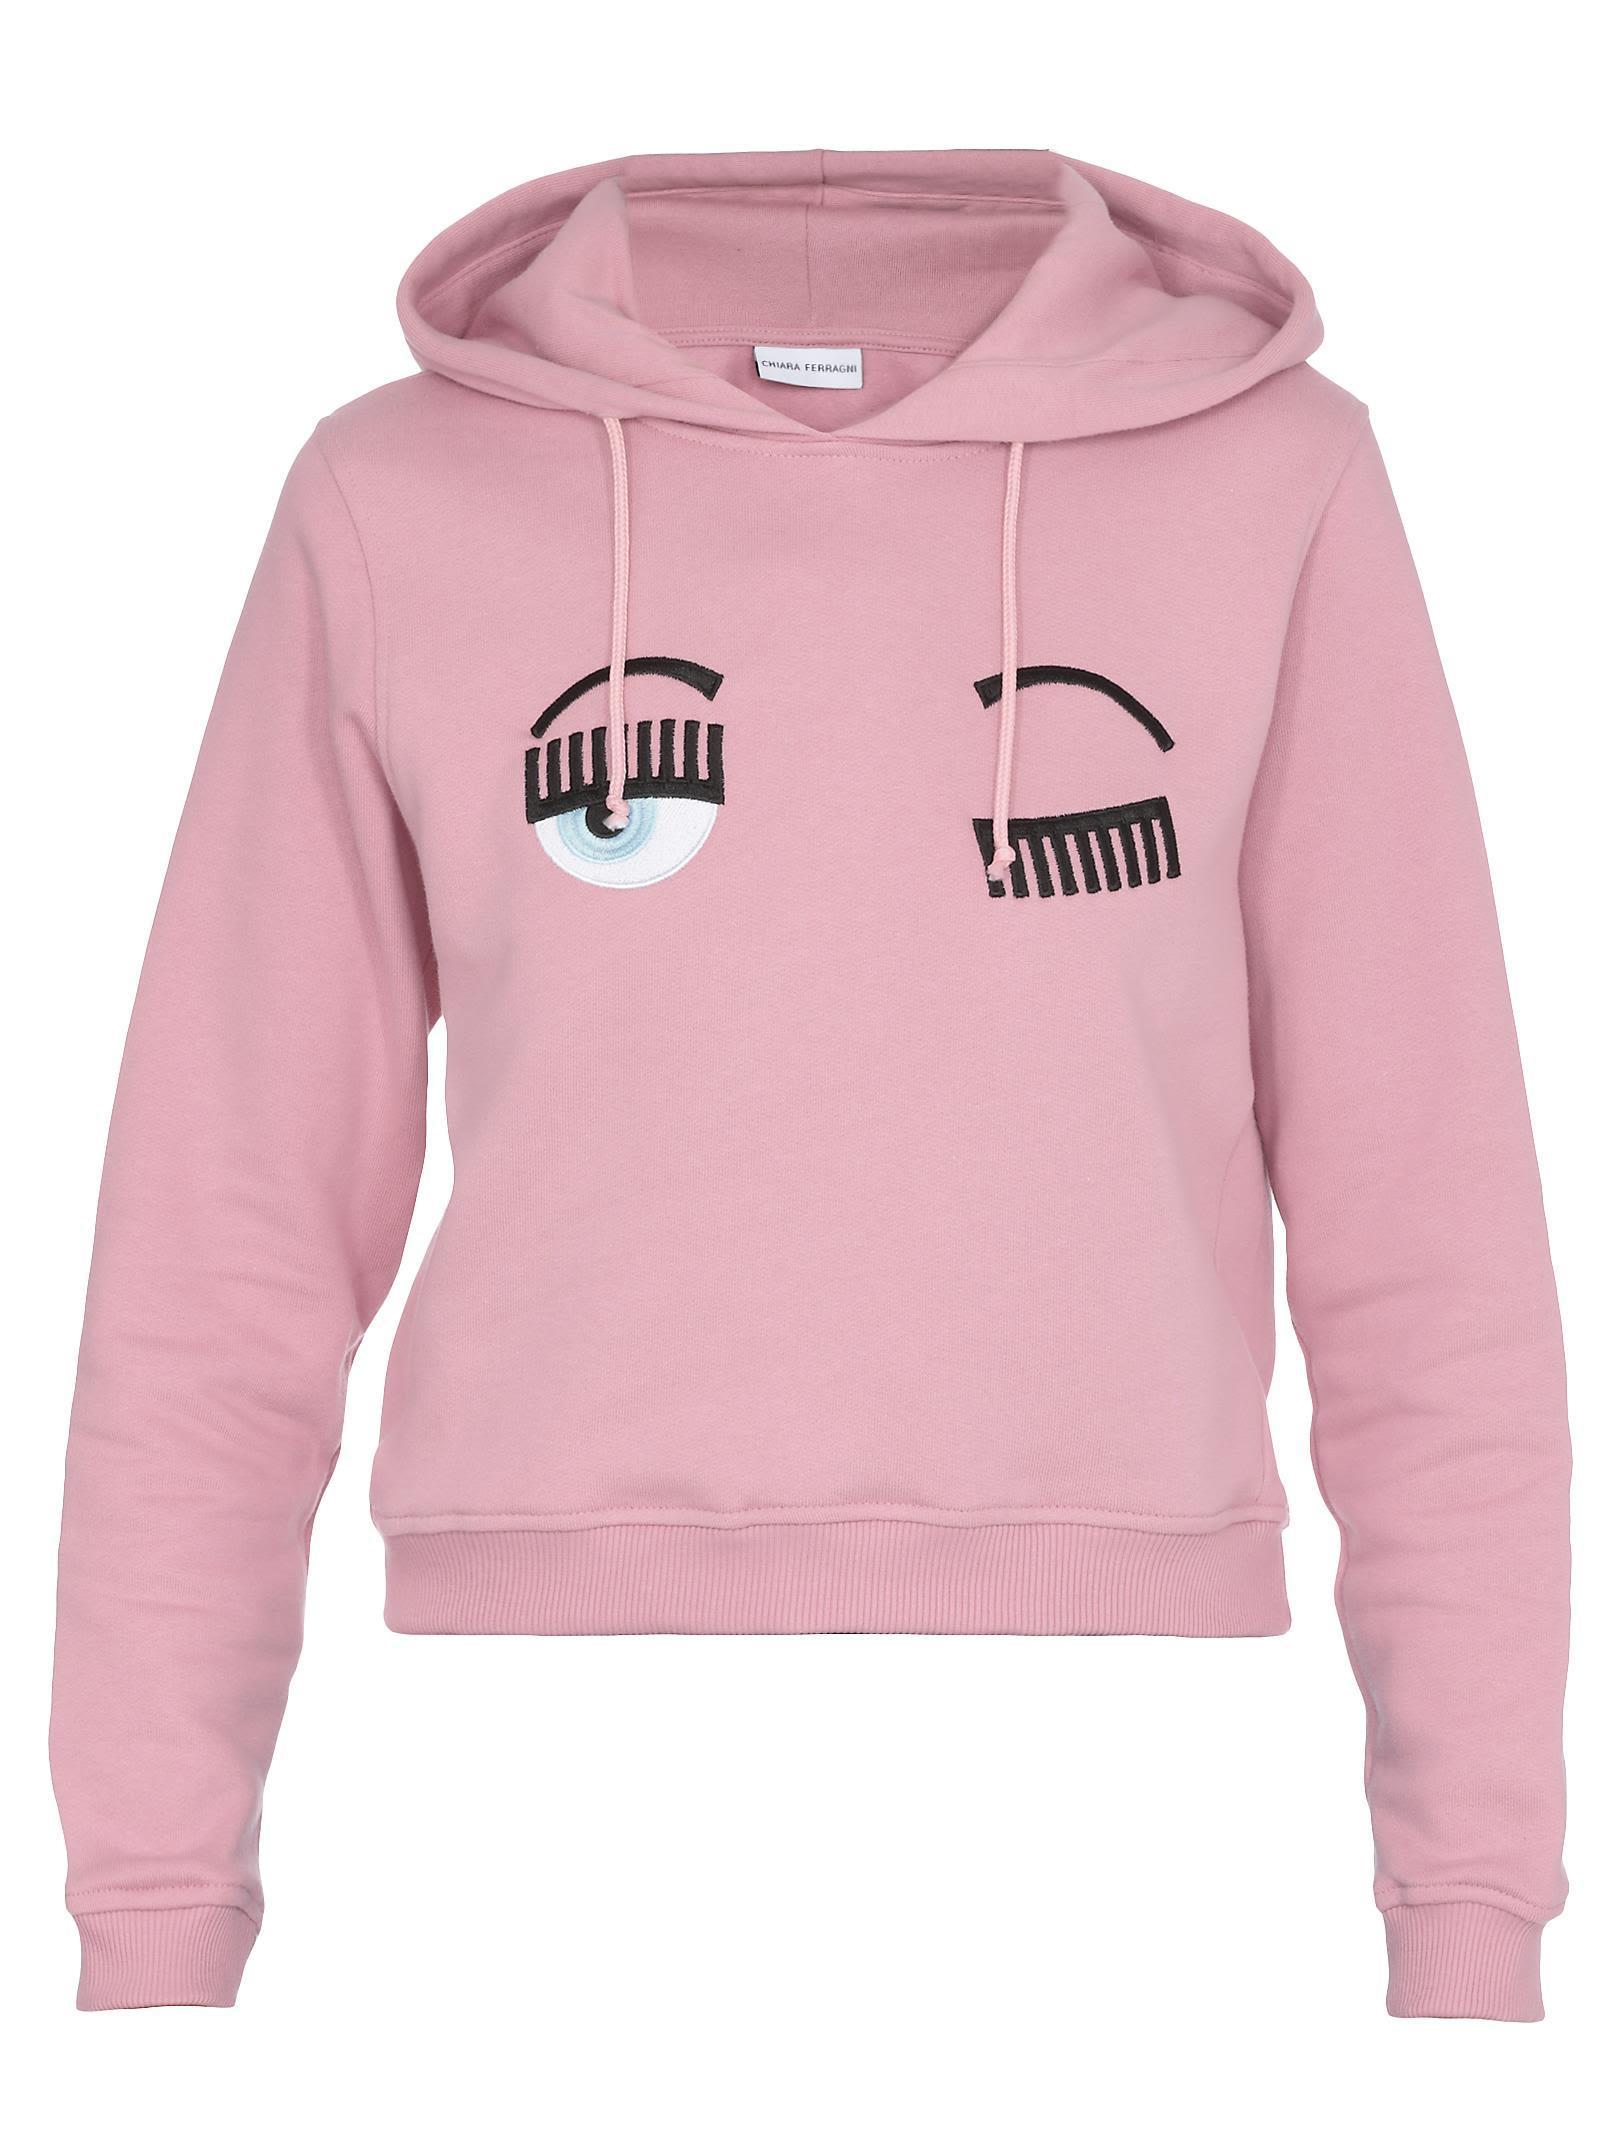 Chiara Ferragni Hoodie Crop Flirting In Pink